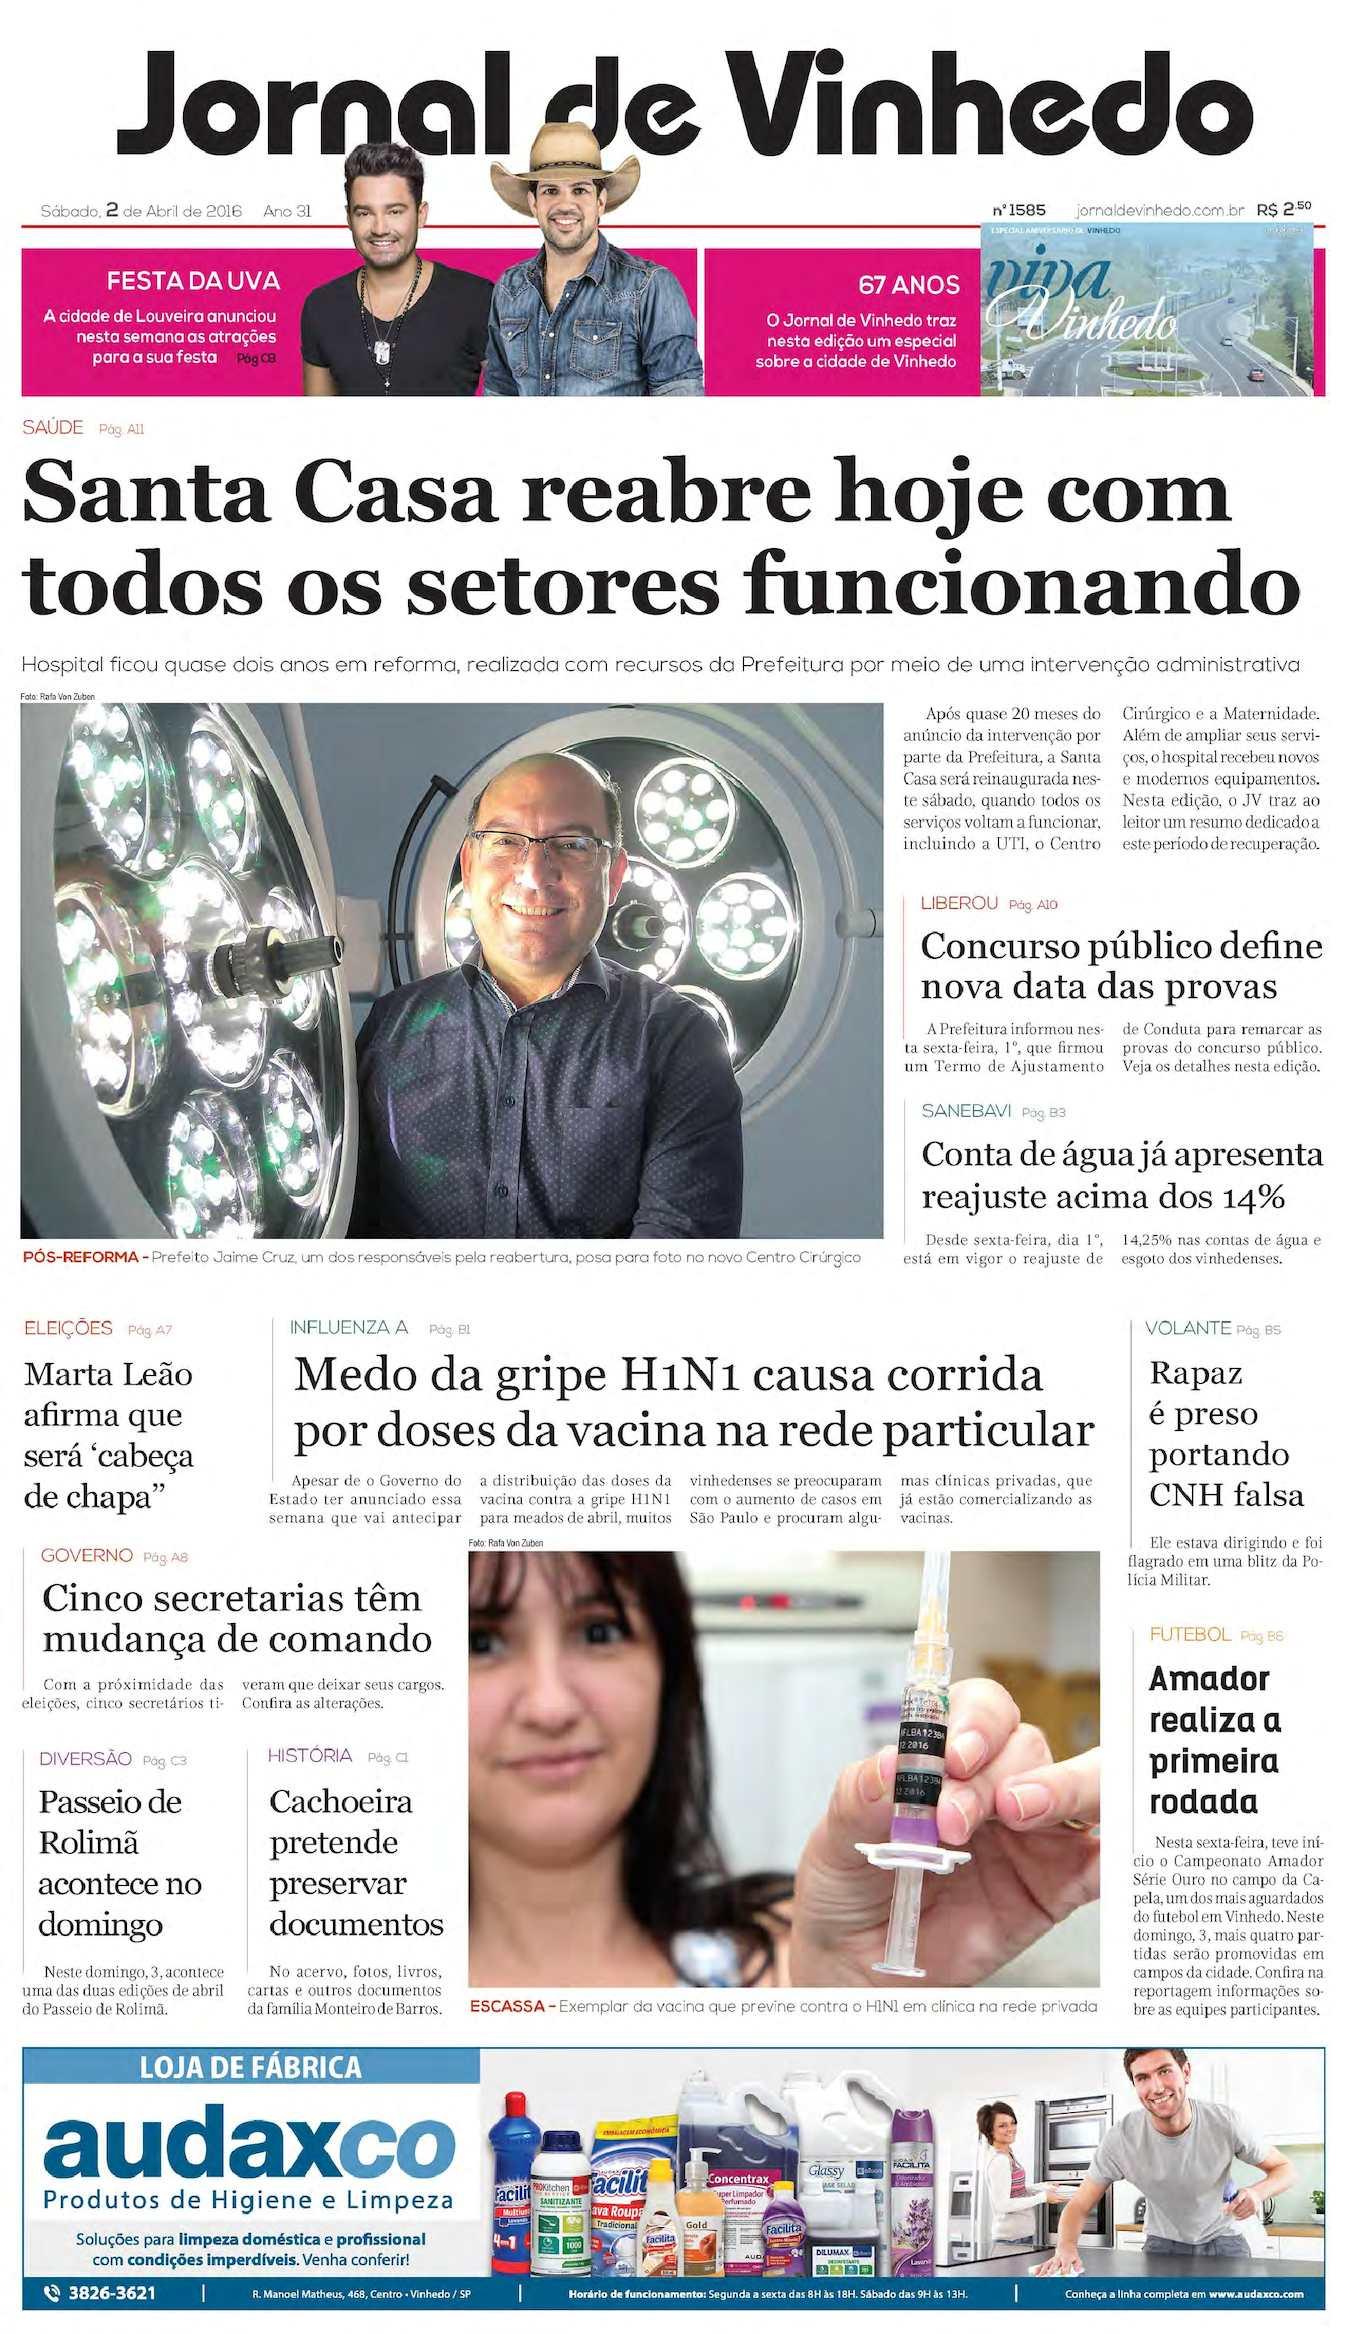 Calaméo - Jornal De Vinhedo Sabado 02 De Abril De 2016 Edic 1585 Ok bf9f7a9a8c